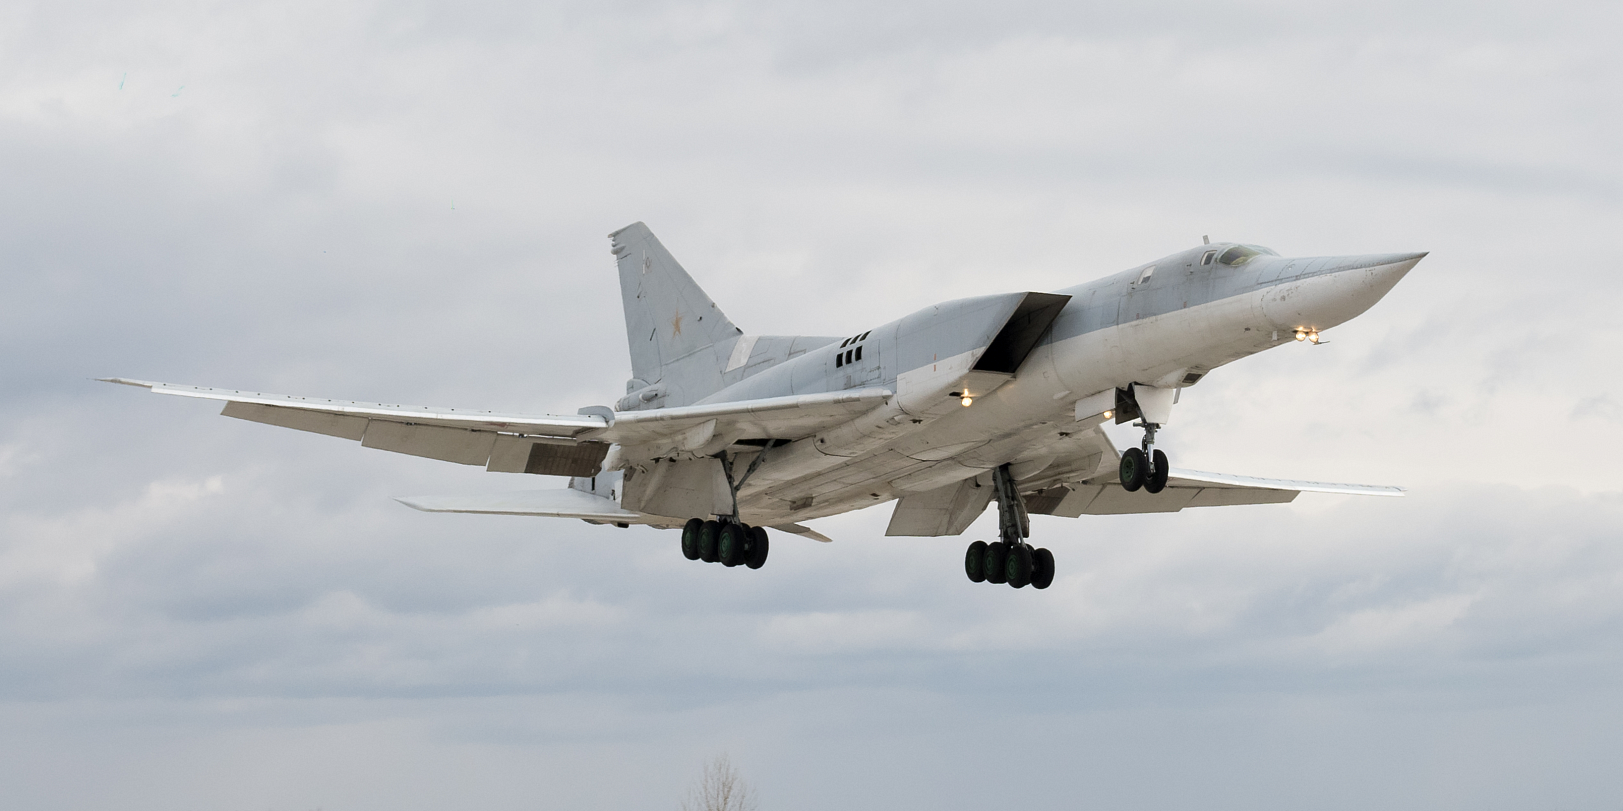 Российские стратегические бомбардировщики на учениях ударили по Белоруссии